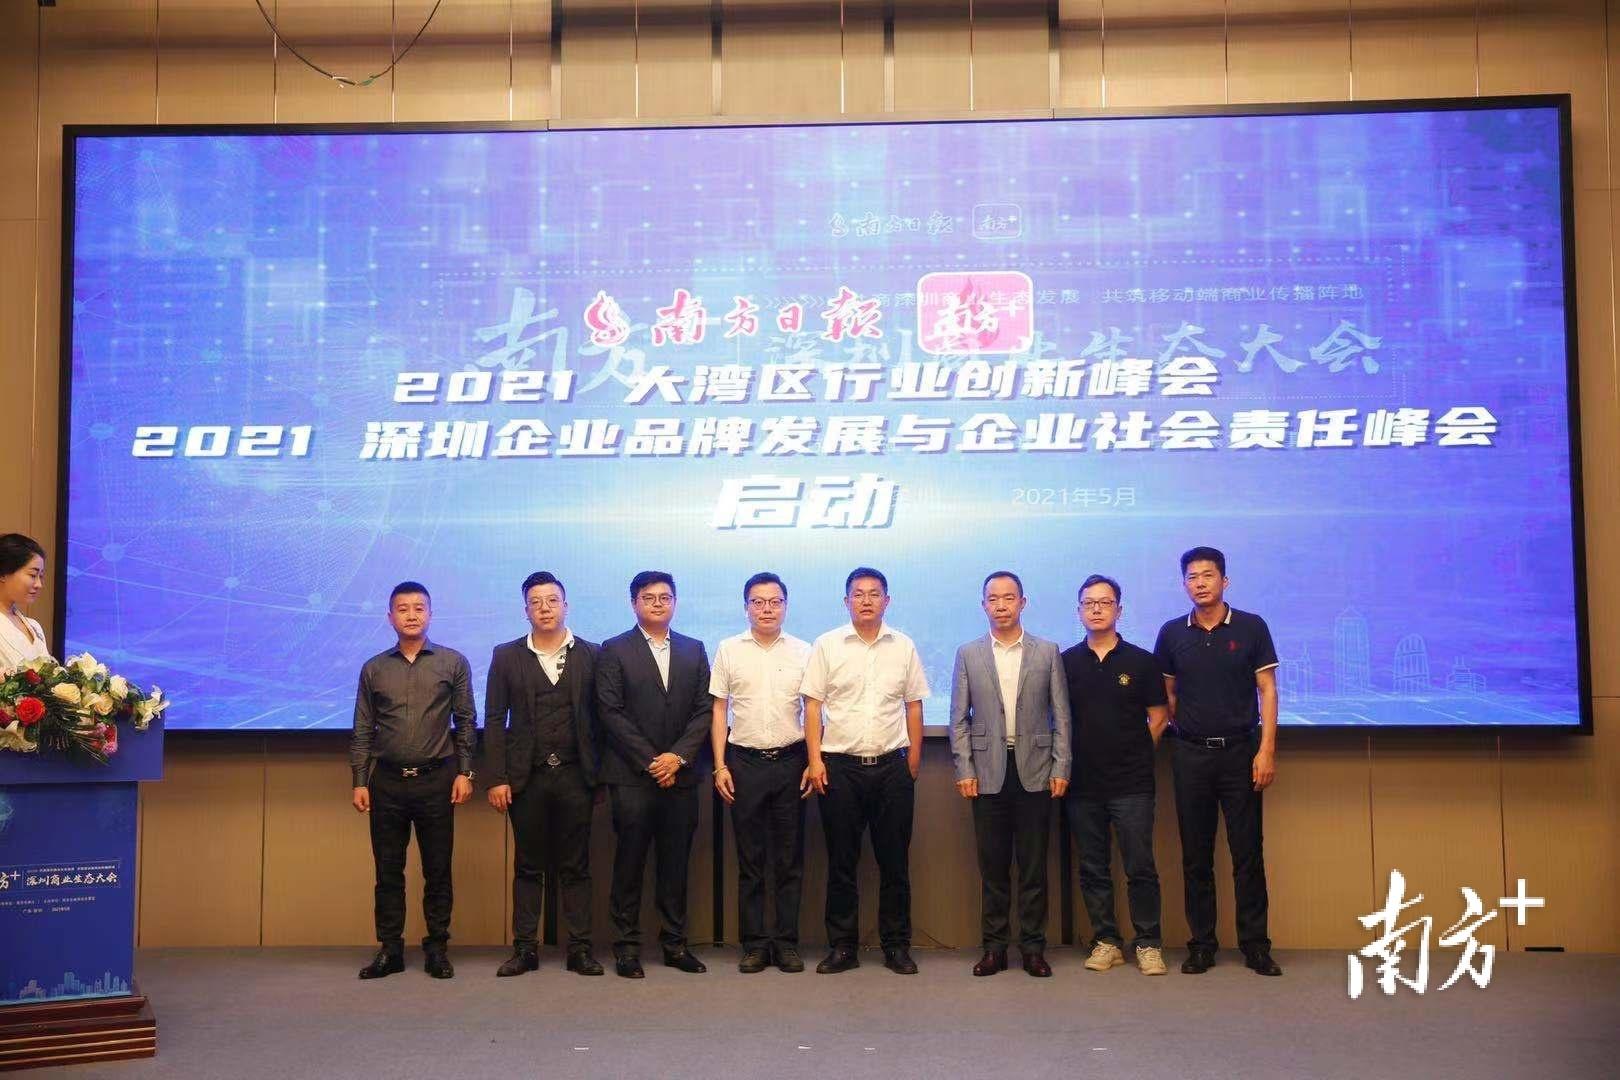 深圳市创新企业育成研究院携手南方+,共建深圳产园频道